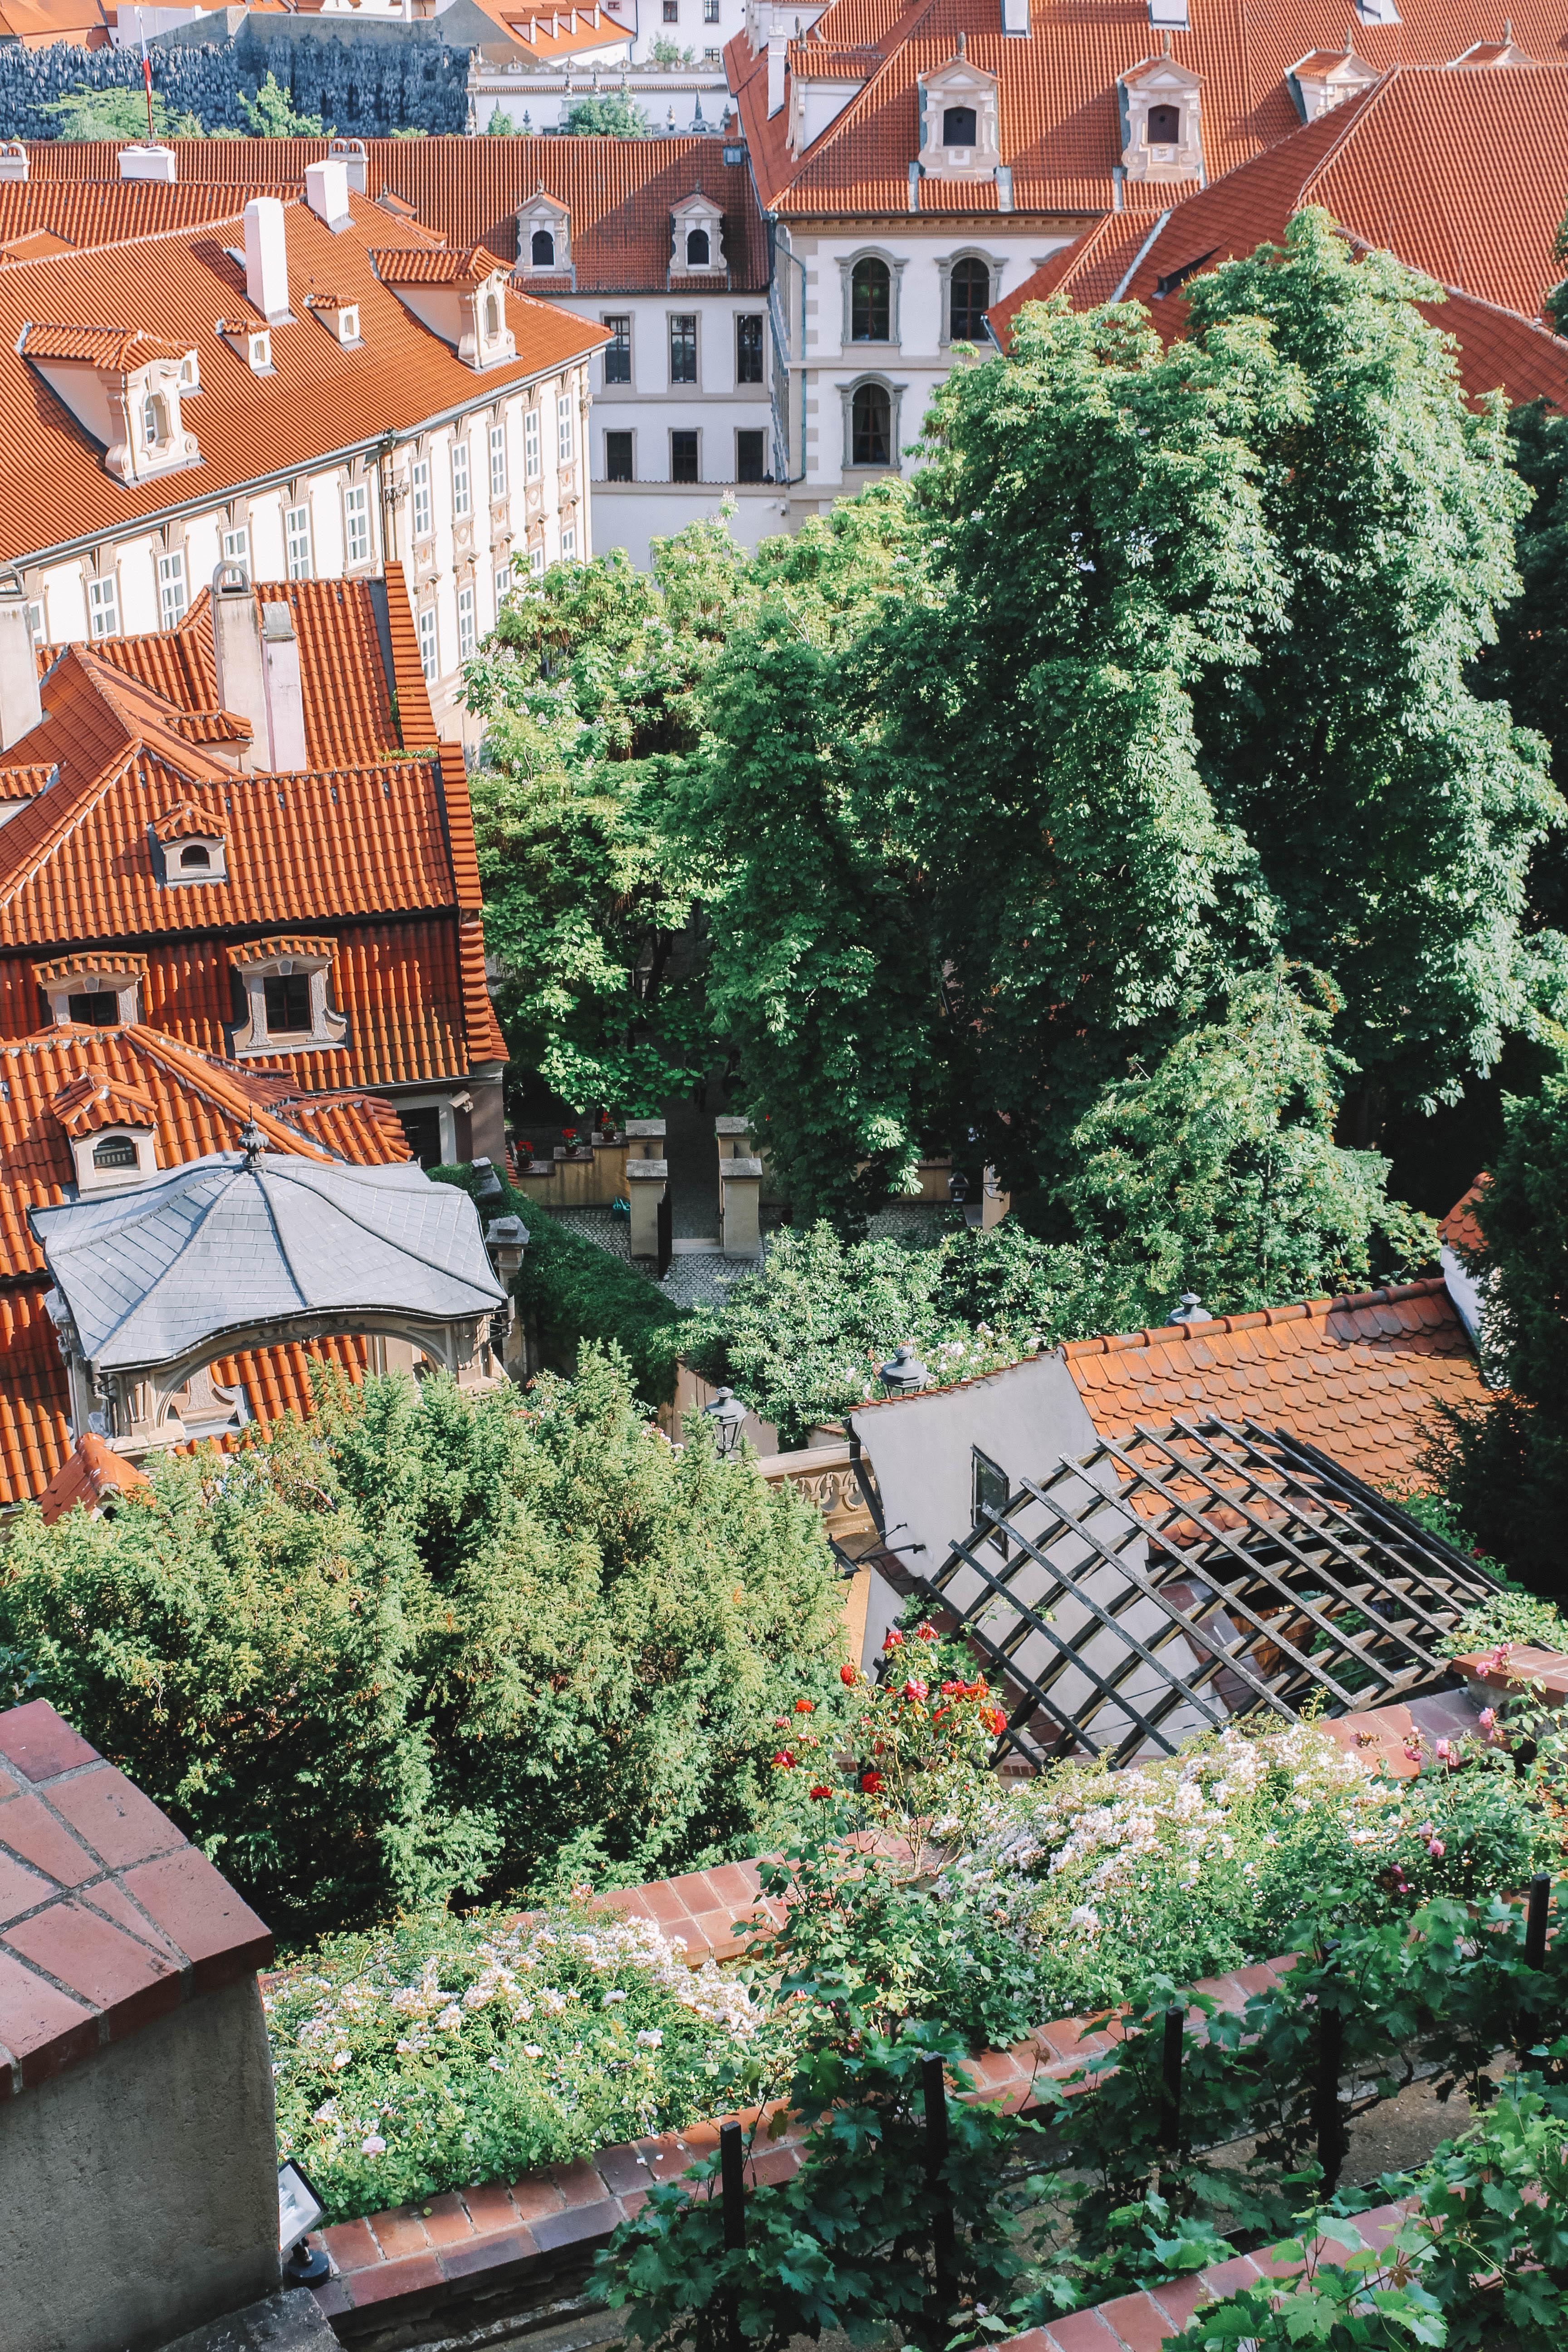 Gardens of the Pražský hrad